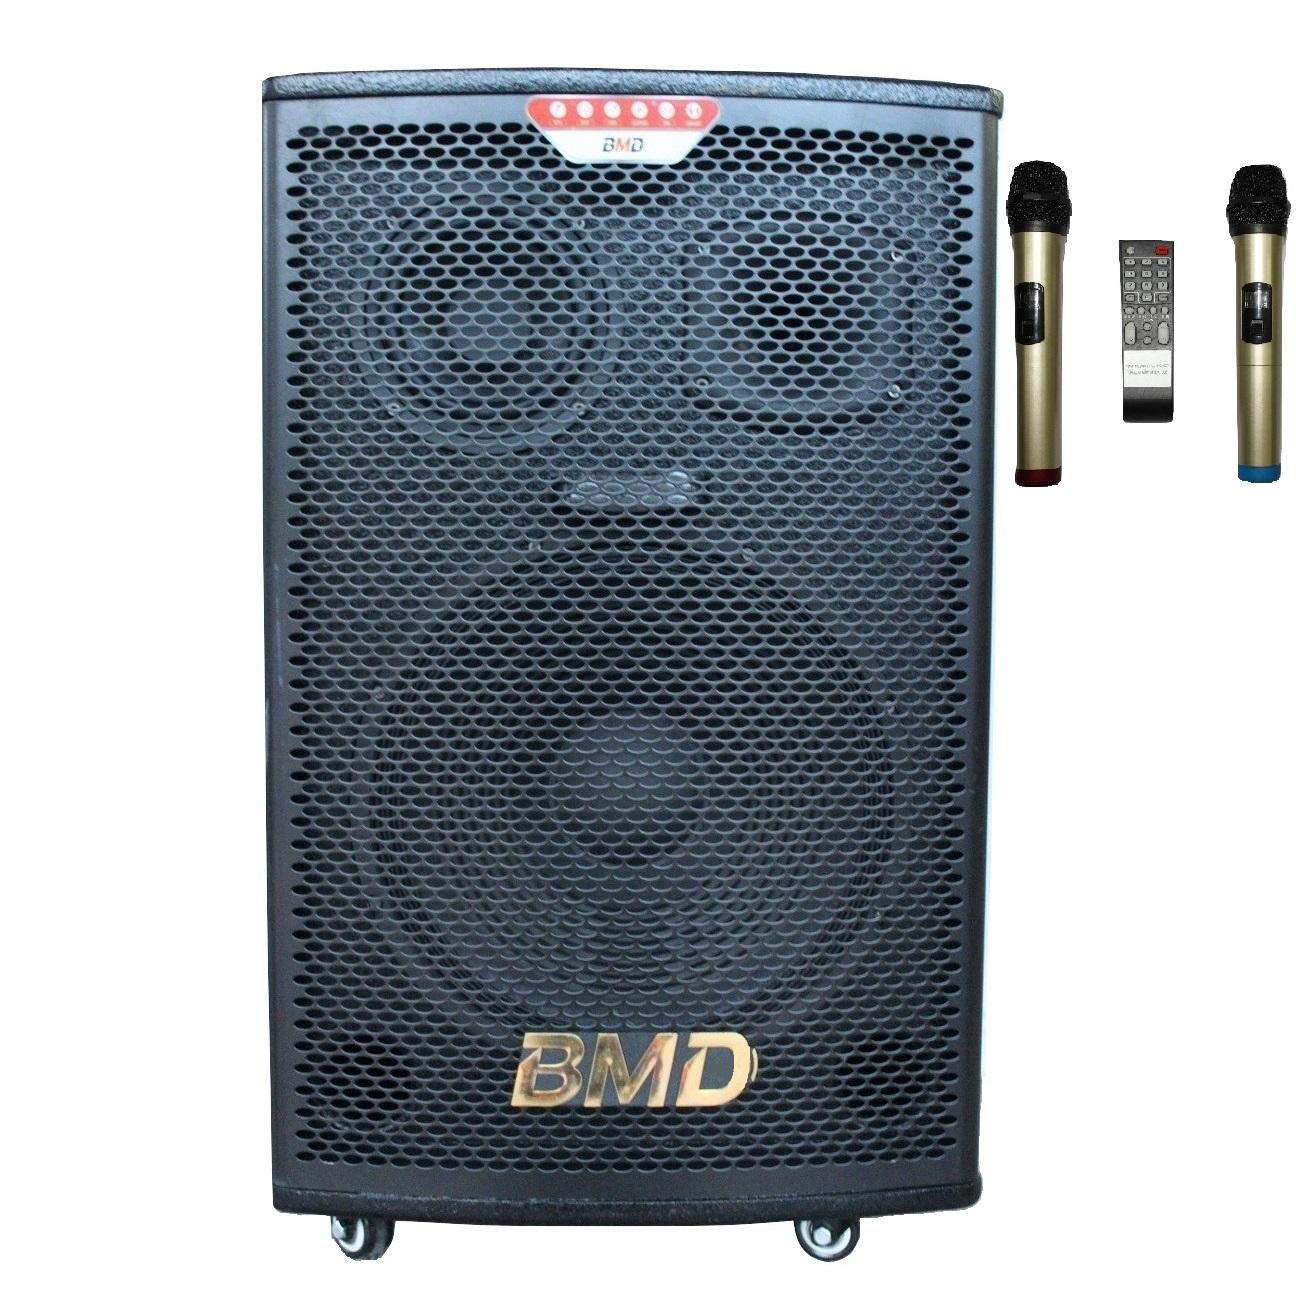 Loa Kéo Di Động Karaoke Bass 30 BMD LK-30B1 (600W) 3 Tấc - Chính Hãng